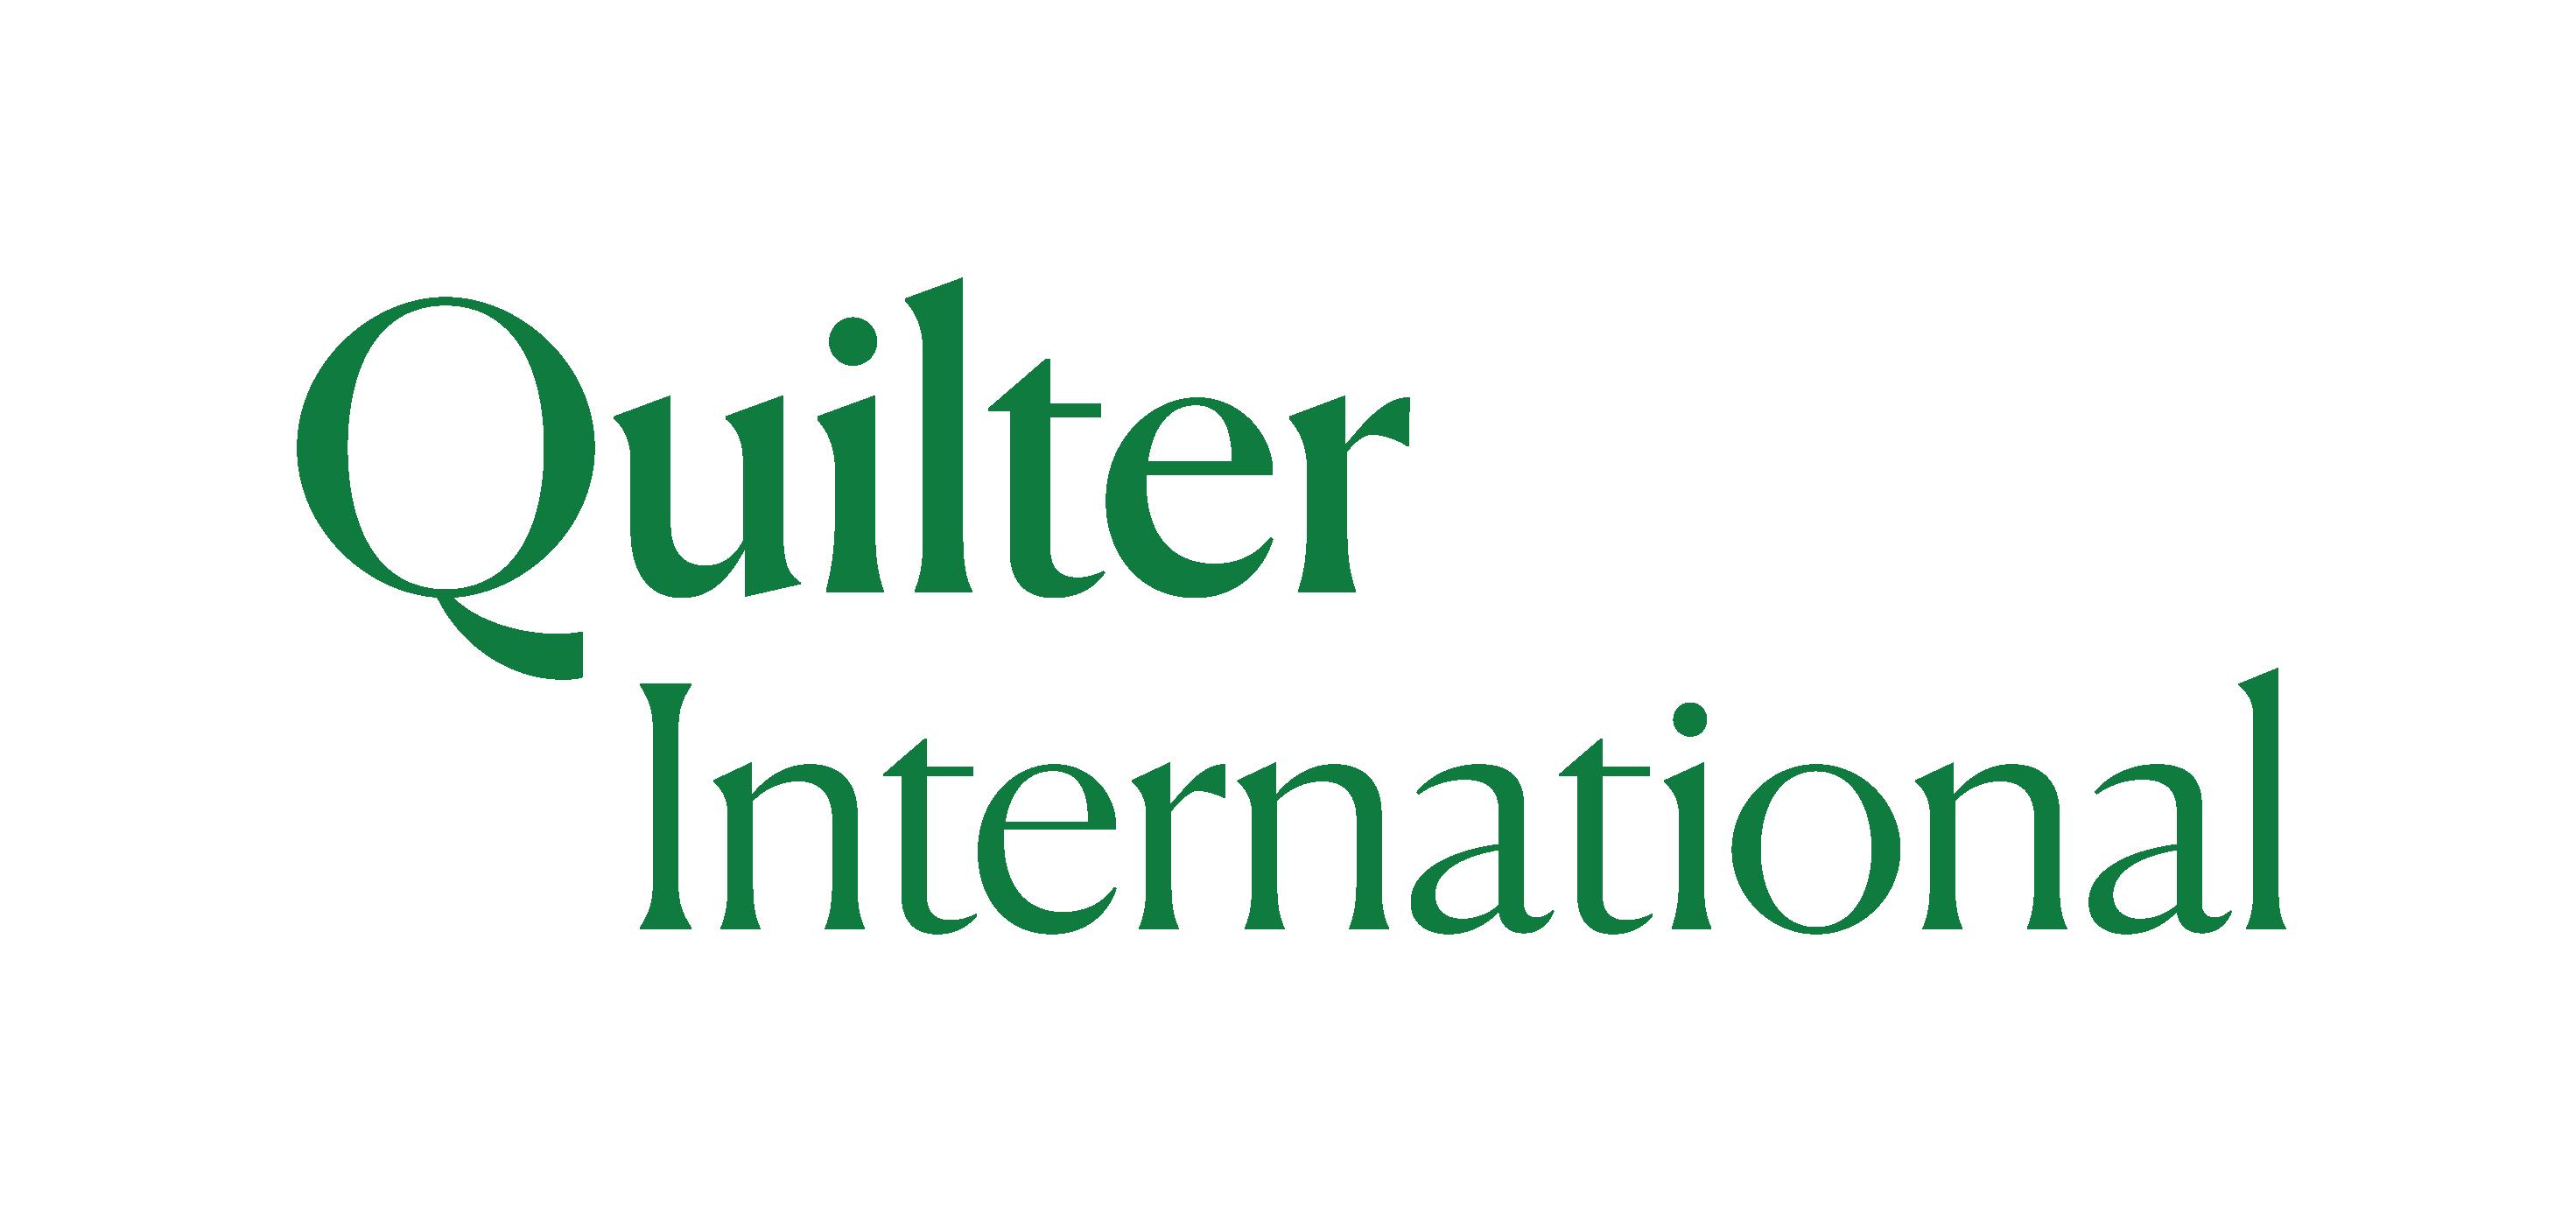 quilter-international-logo